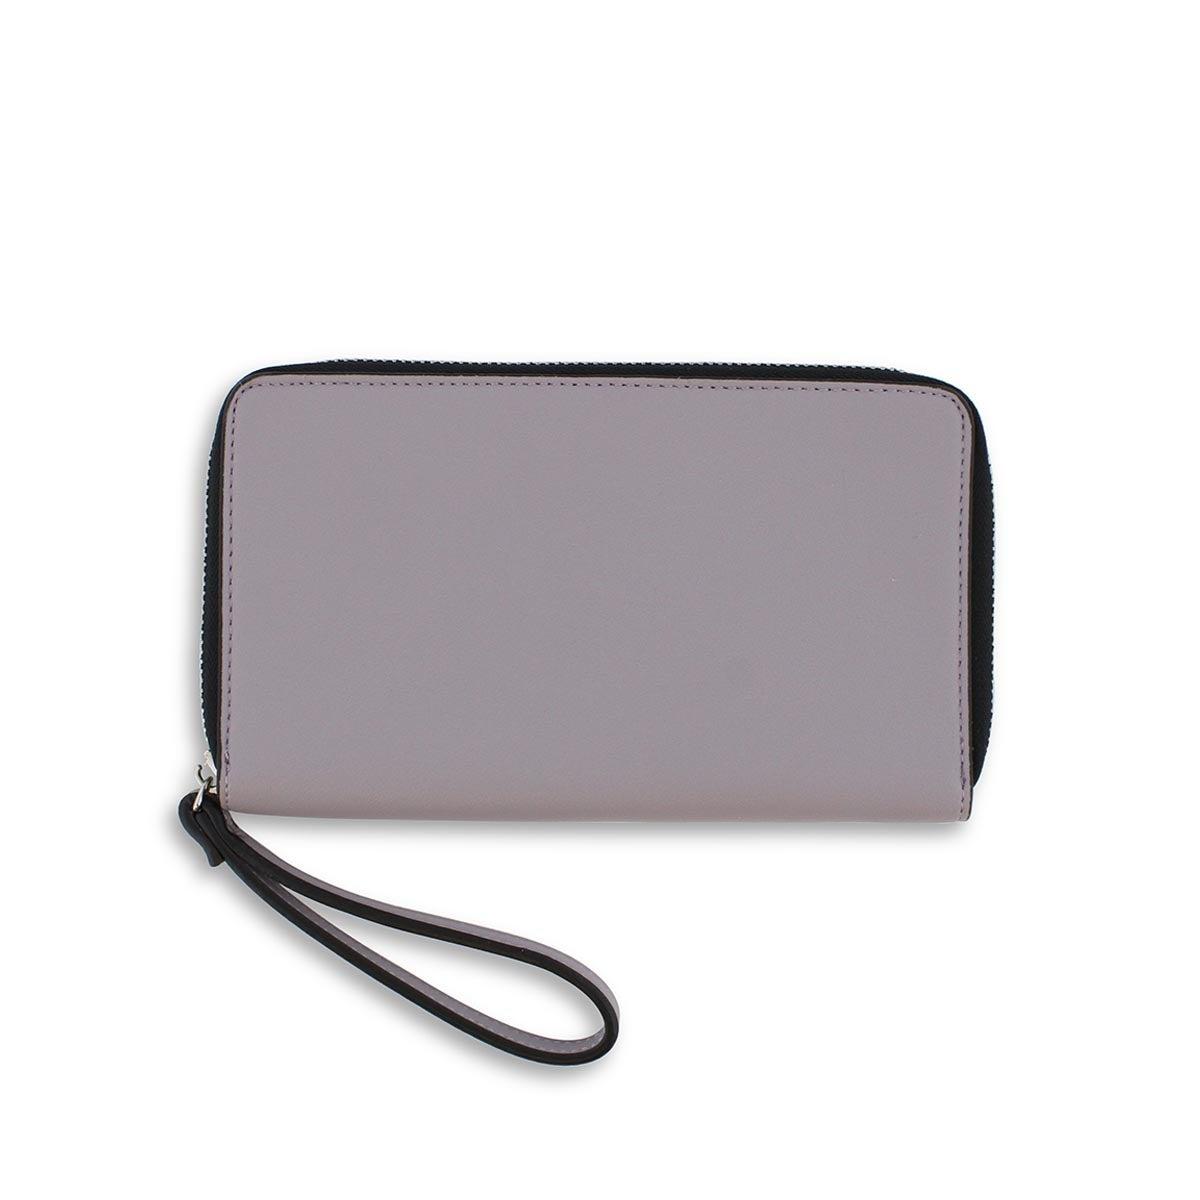 Lds dusty mauve zip up phone wallet